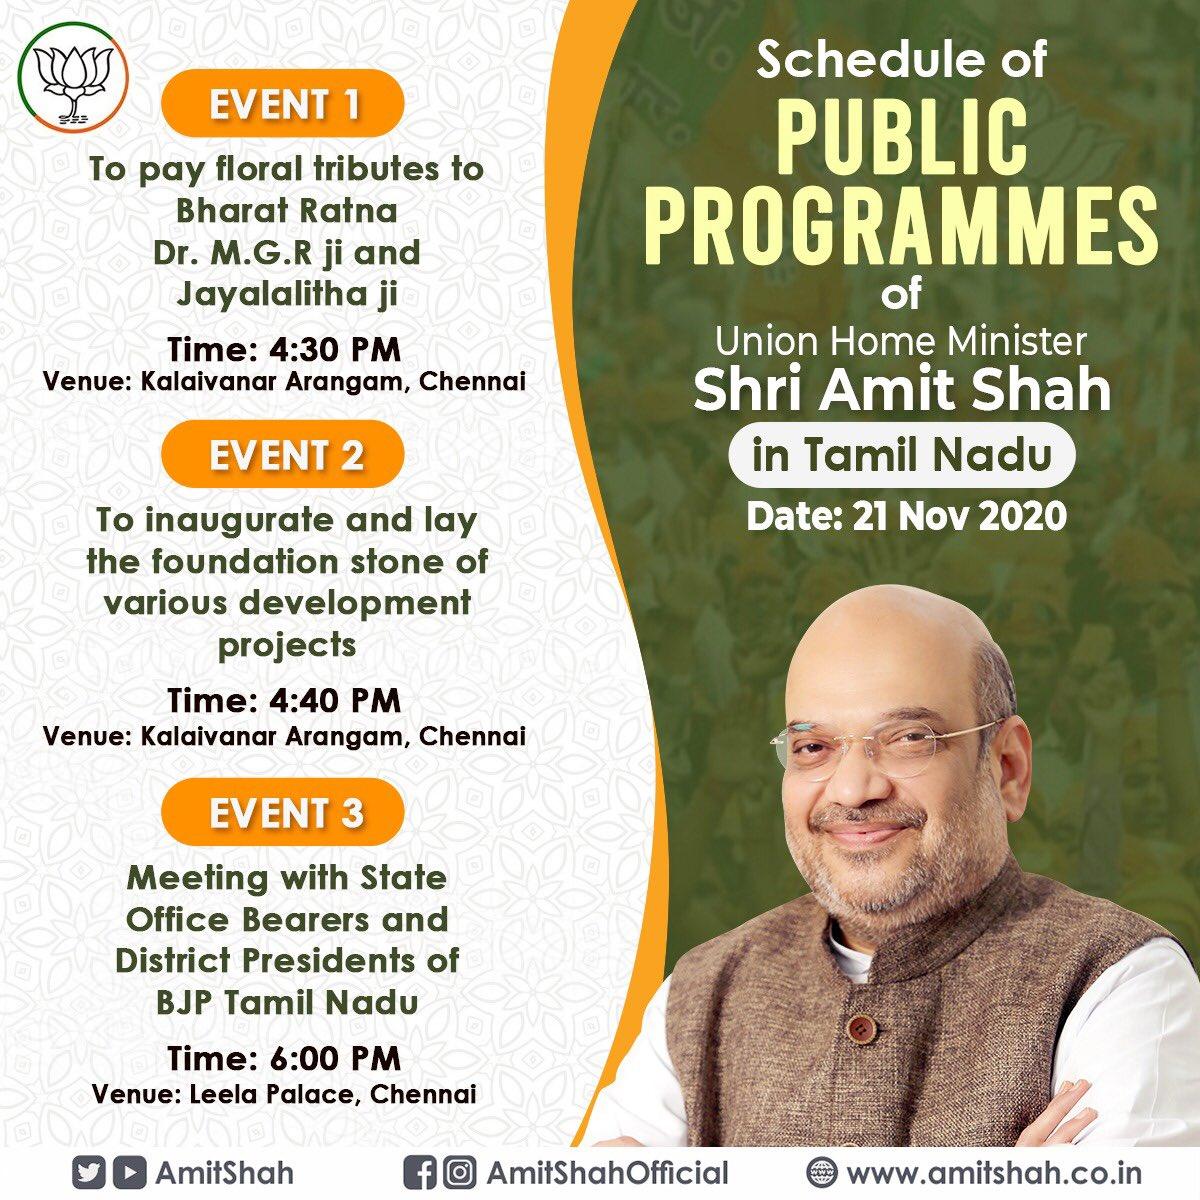 Schedule of public programmes of Union Home Minister Shri @AmitShah in Tamil Nadu.  மத்திய உள்துறை அமைச்சர் திரு.அமித் ஷா அவர்களின் நிகழ்ச்சி நிரல்